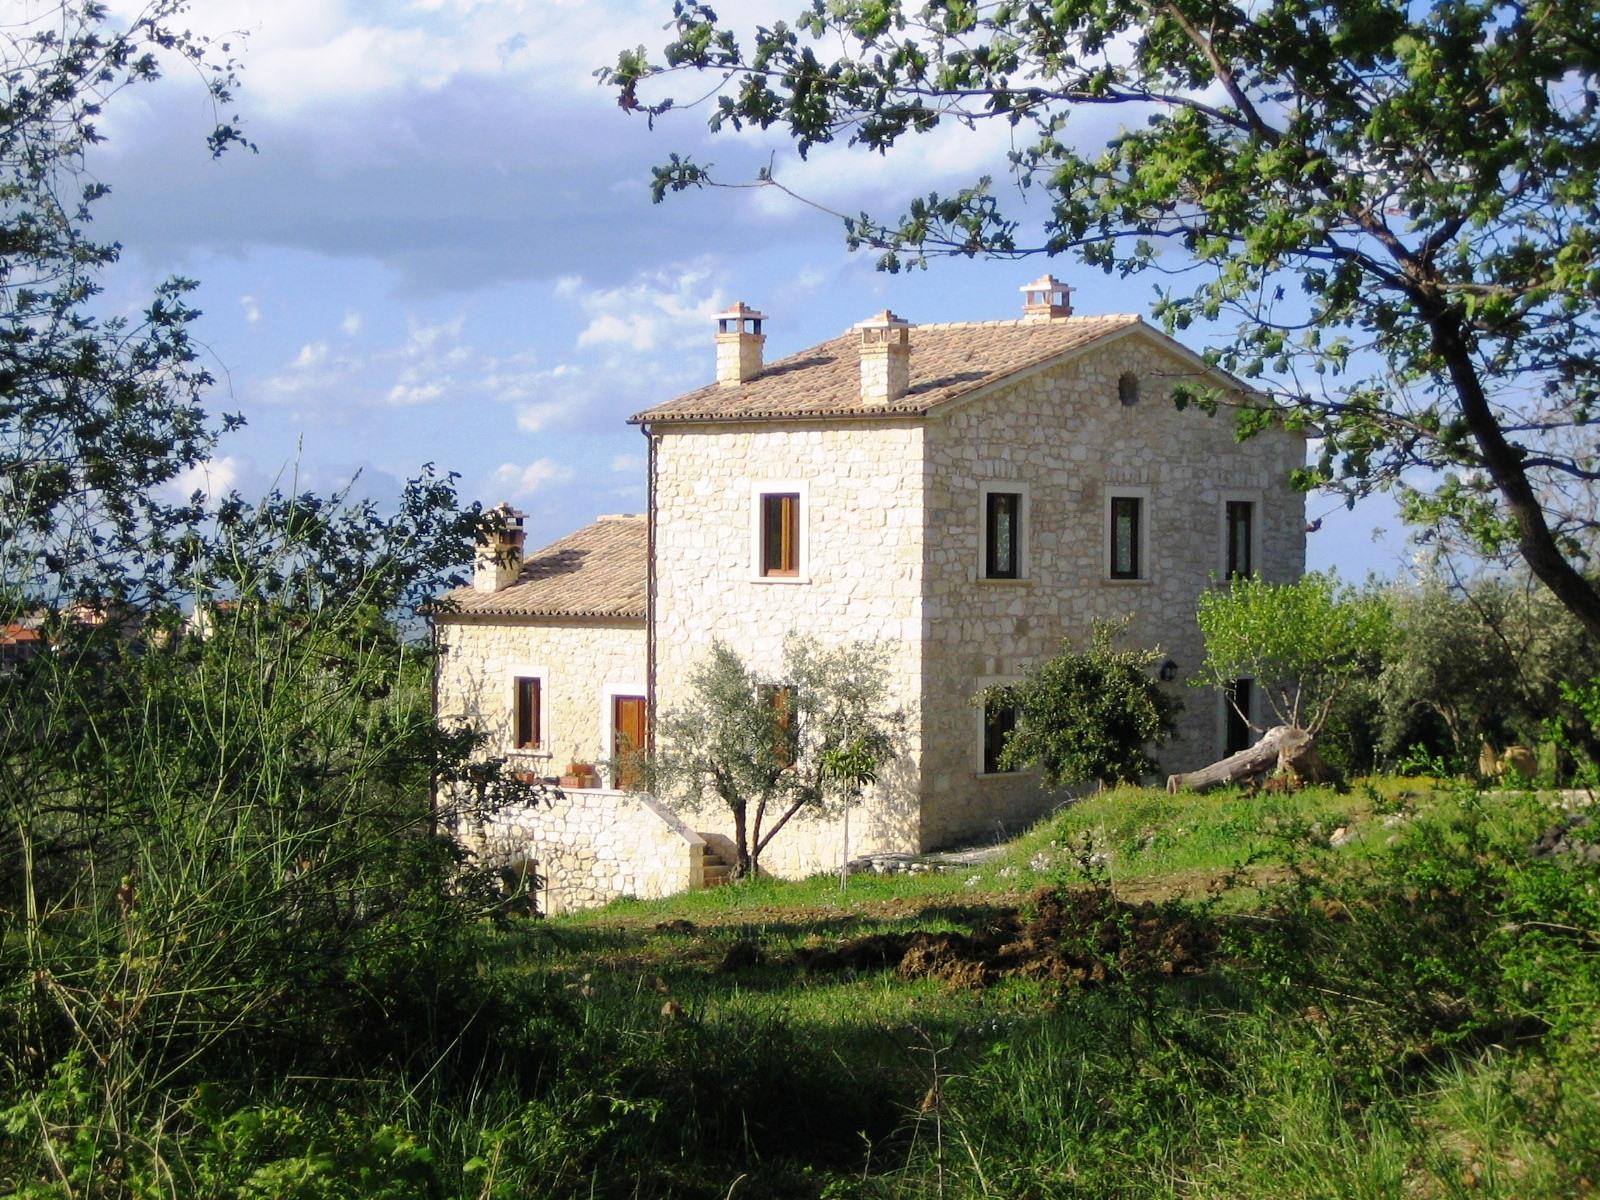 Casolare Casolare in vendita Abbateggio (PE), Casa Selva - Abbateggio - EUR 450.000 230